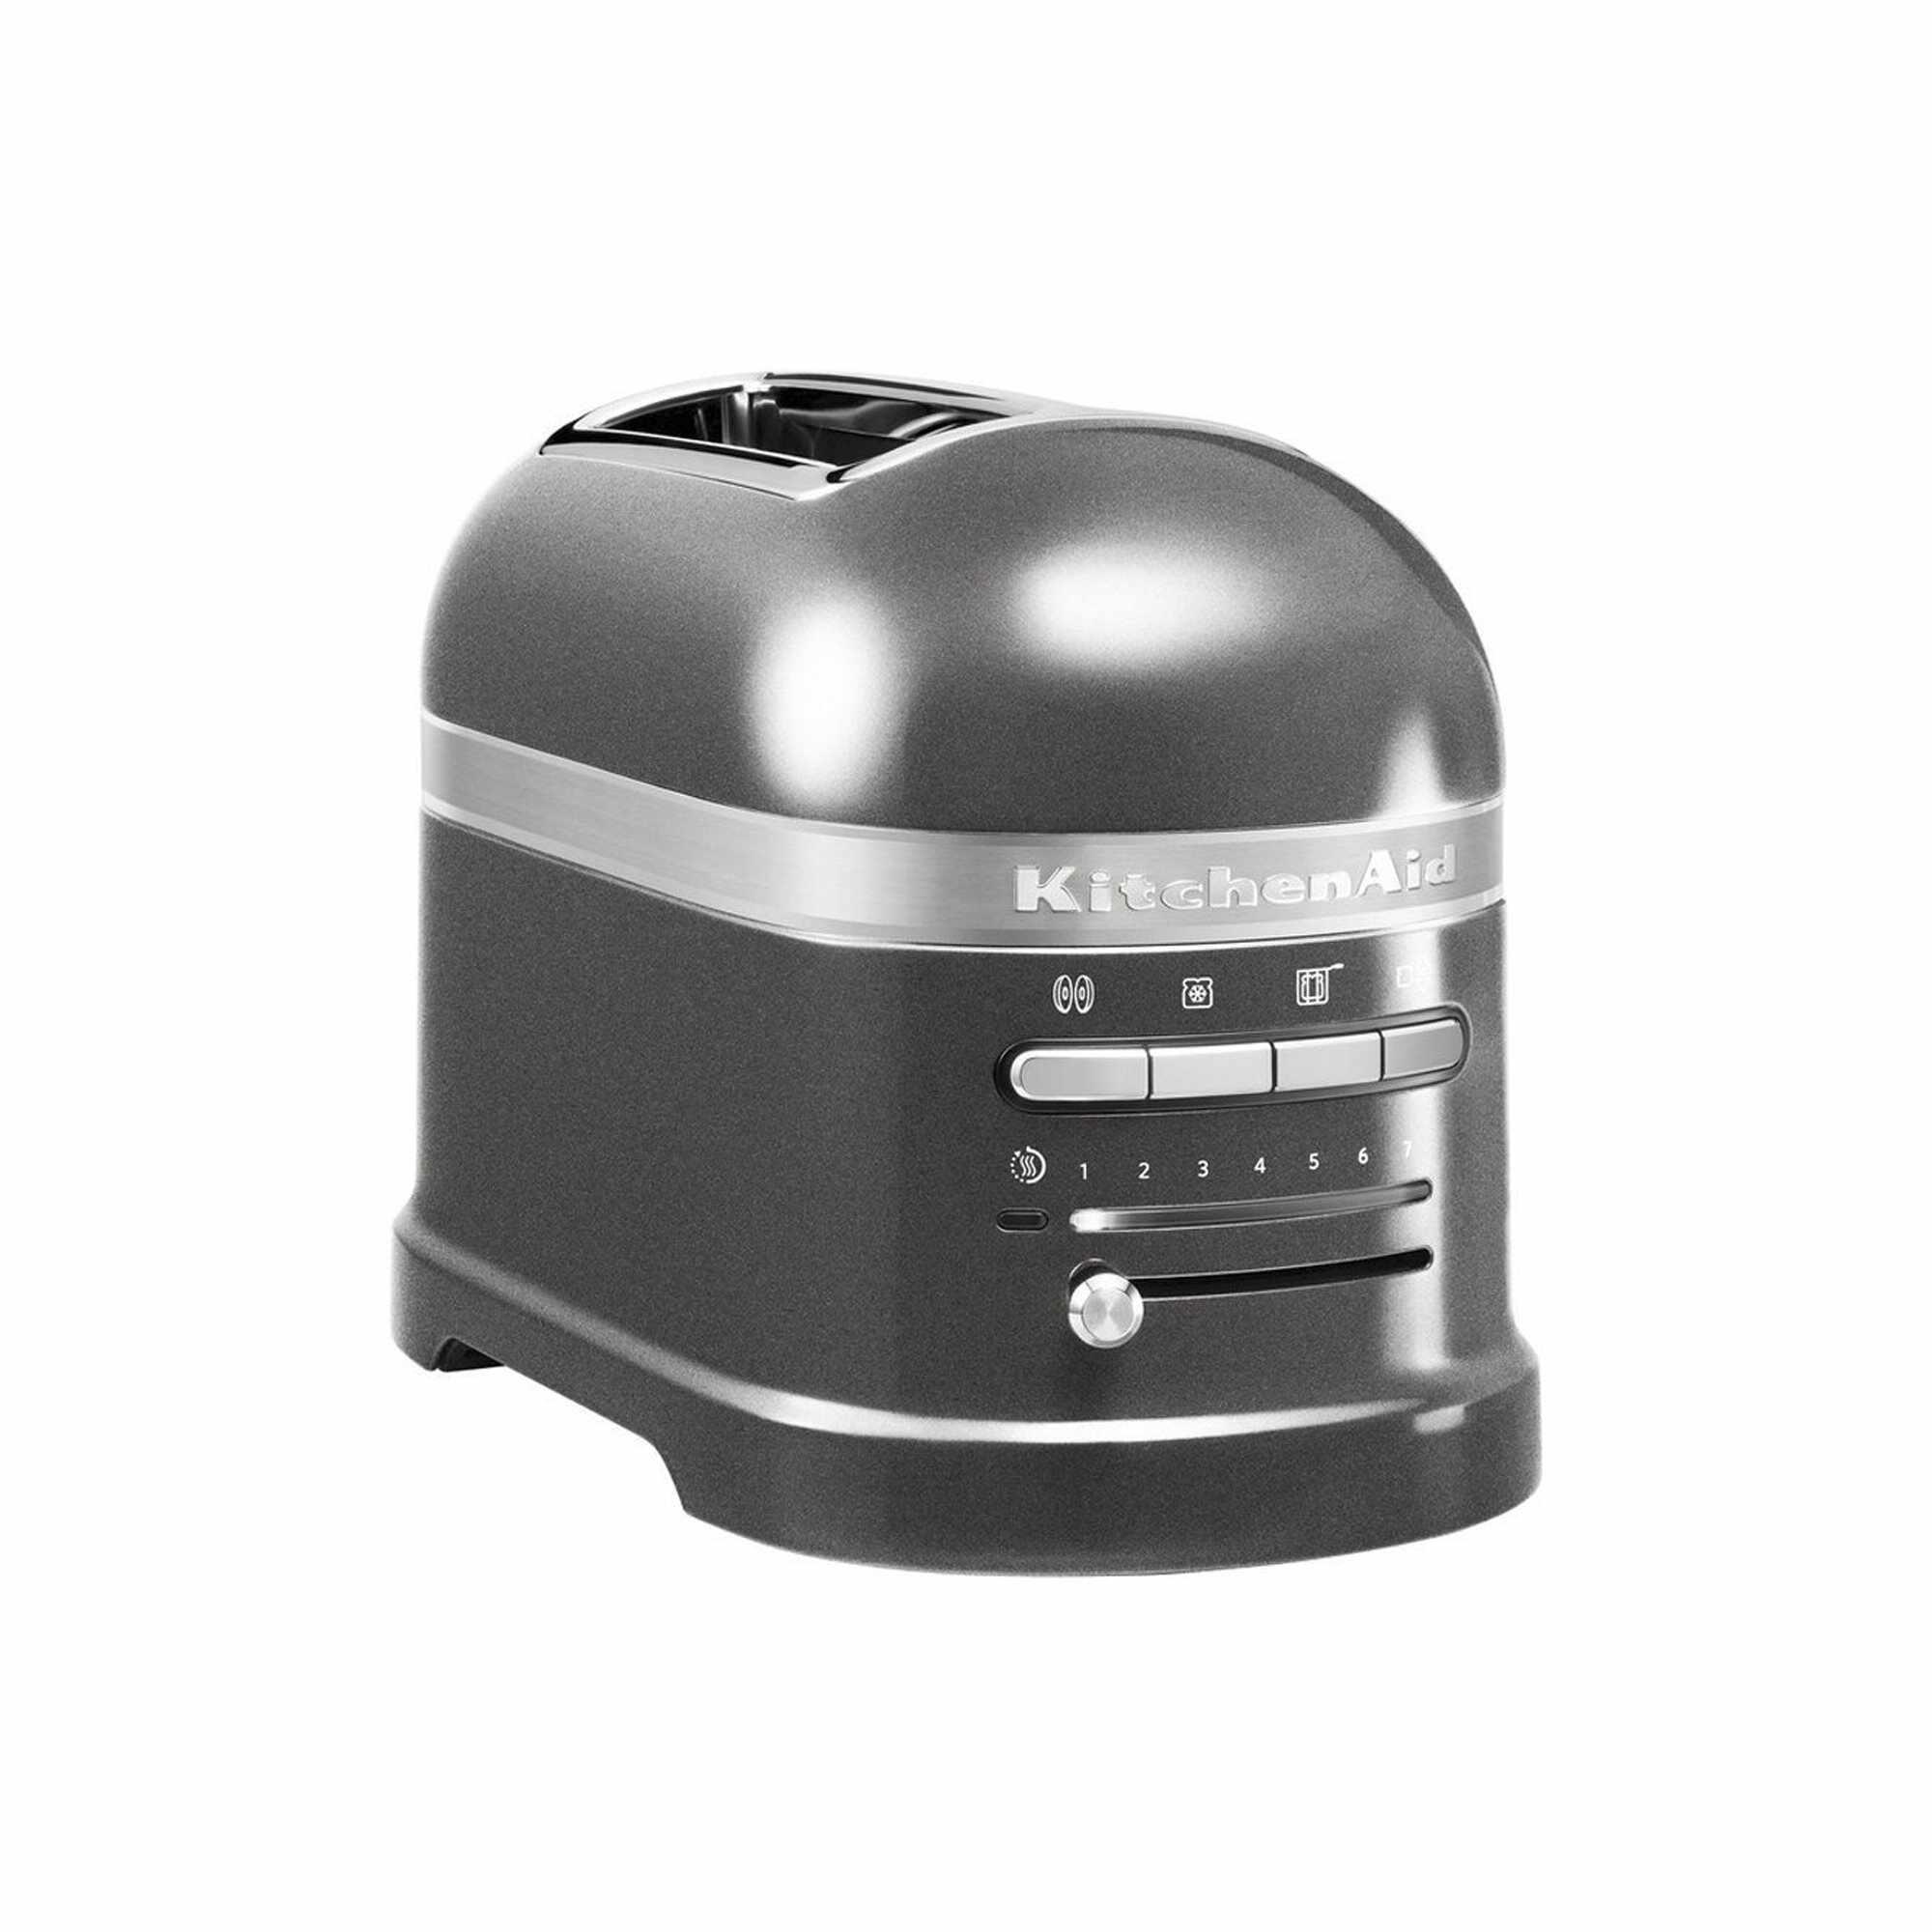 Toaster 2 sloturi Artisan New 5KMT2204E, 2500W, KitchenAid la pret 1299 lei